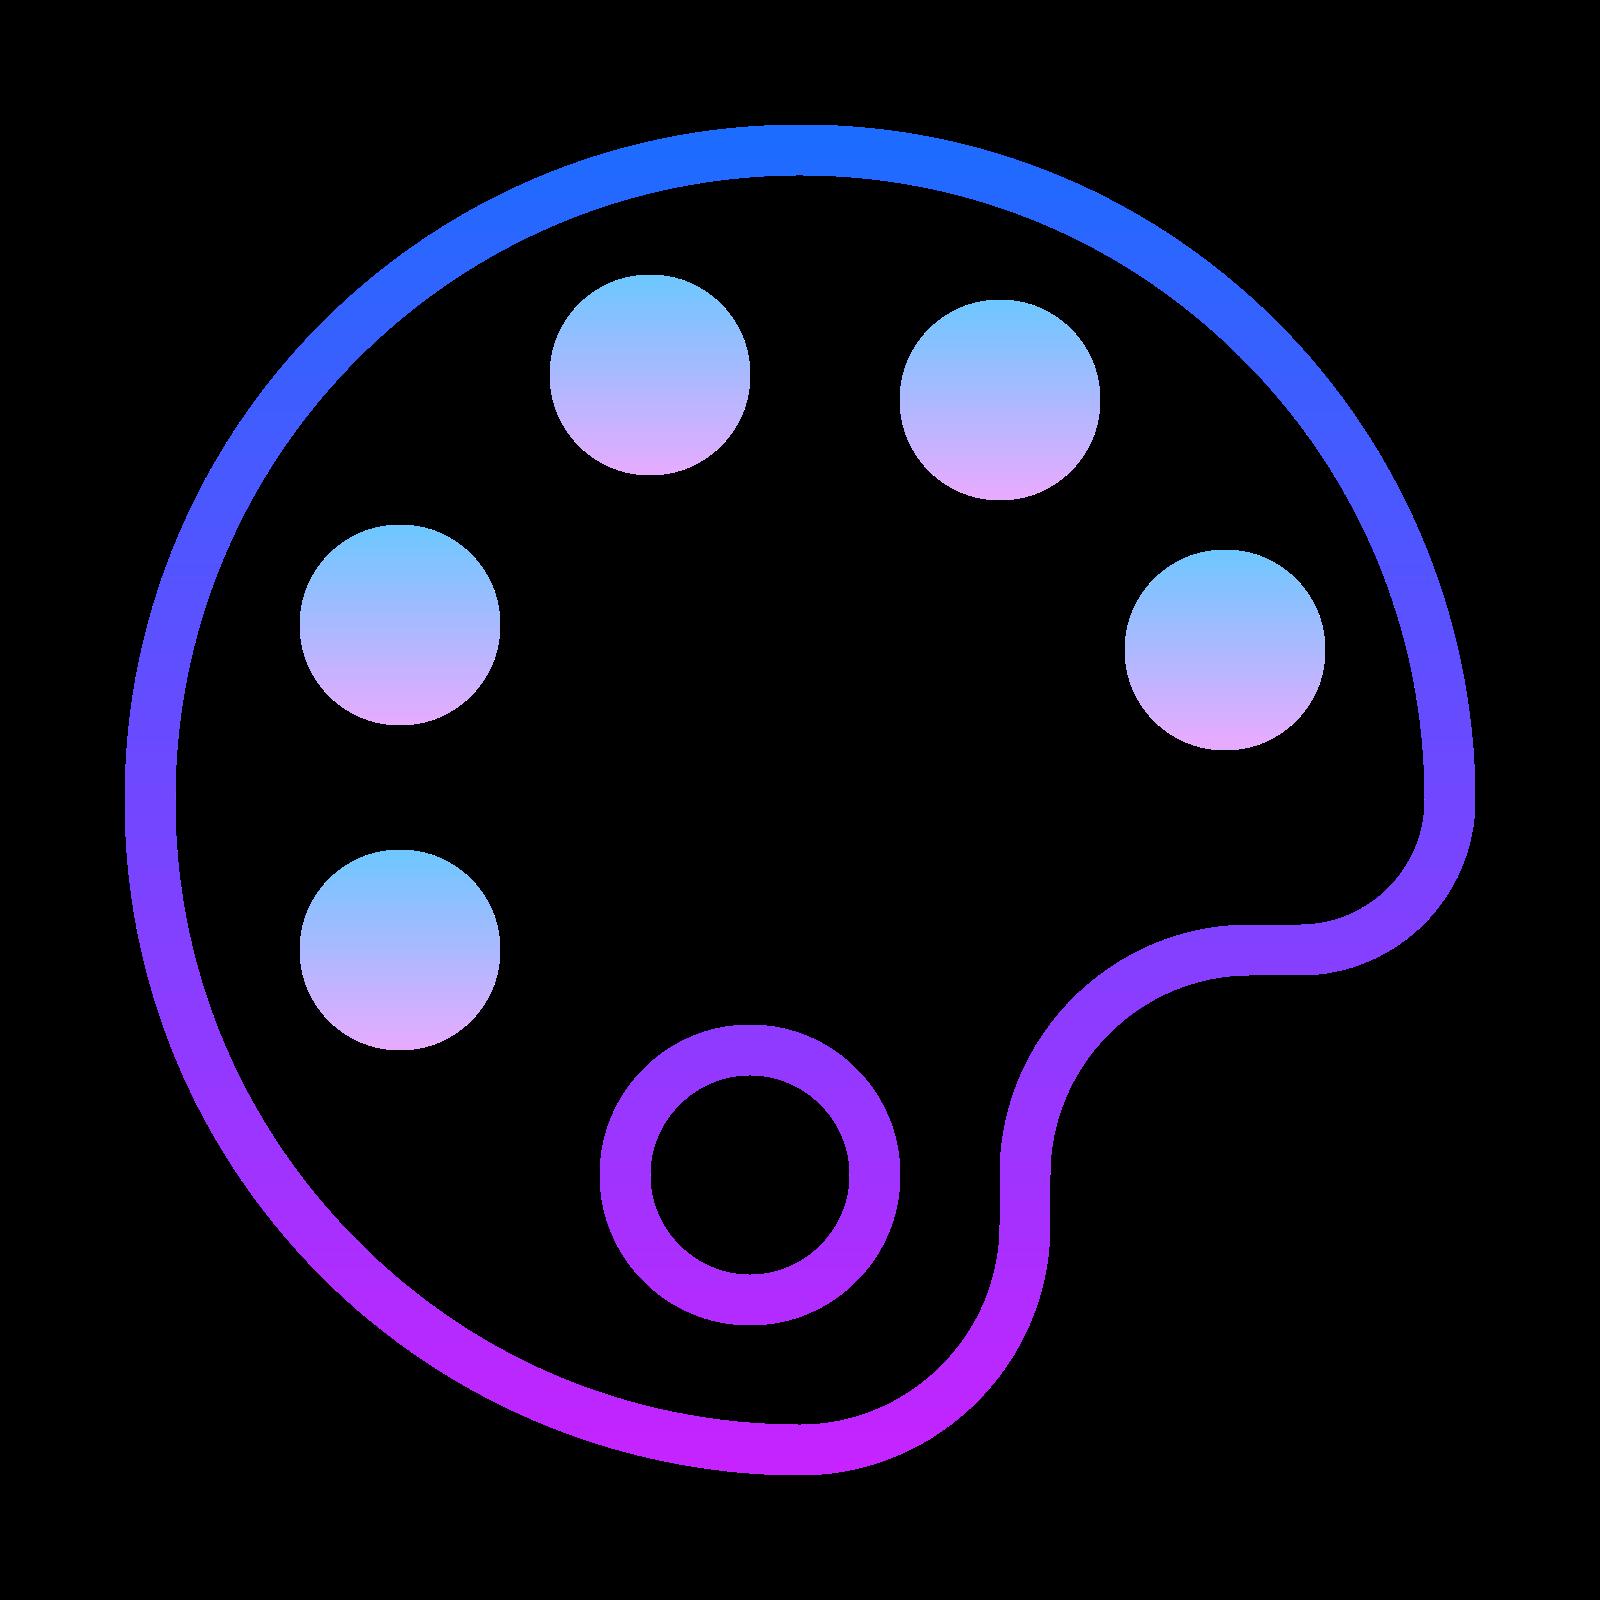 涂料调色 icon. The icon is shaped like an oval that slightly resembles the letter C. Inside of it there are five circle shapes that almost go completely around it if it wasn't for the missing circle towards the middle right.